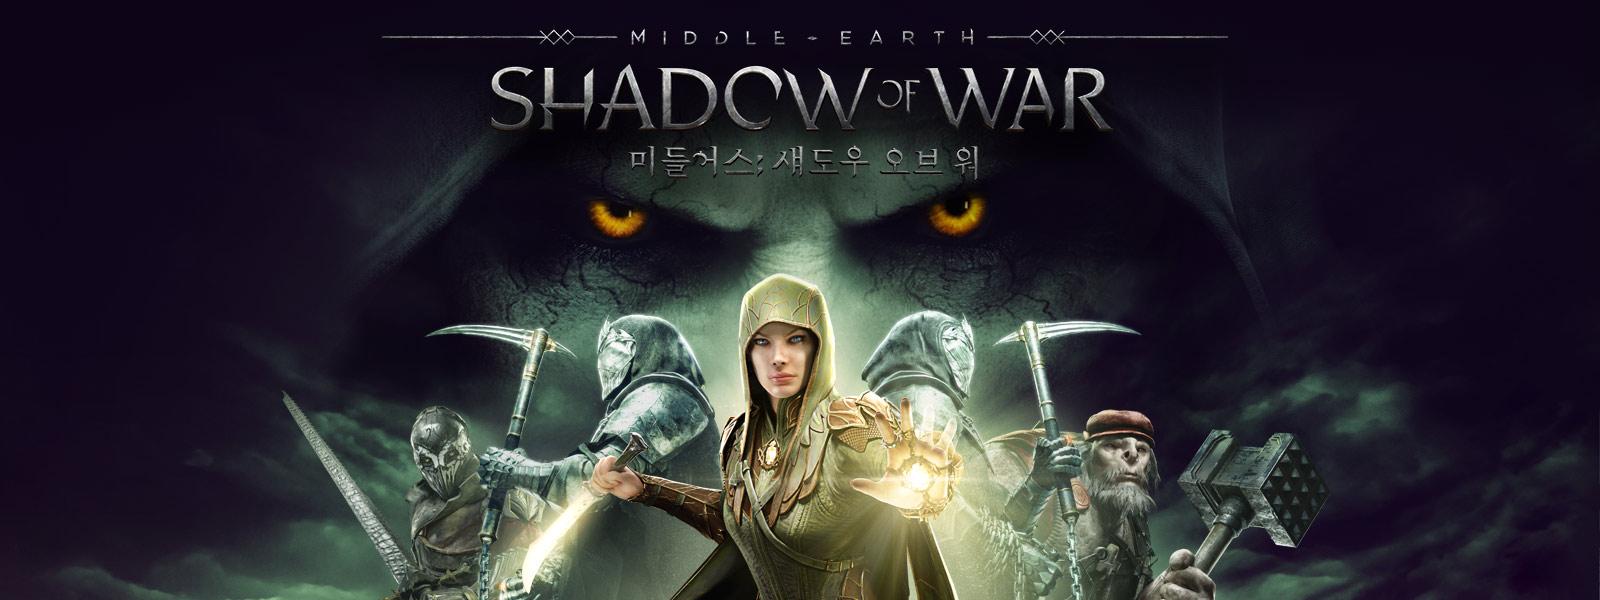 미들 어스: 섀도우 오브 워. 거대하고 공포스러운 눈 아래에서 4명의 캐릭터를 마주 보고 서 있는 엘타리엘